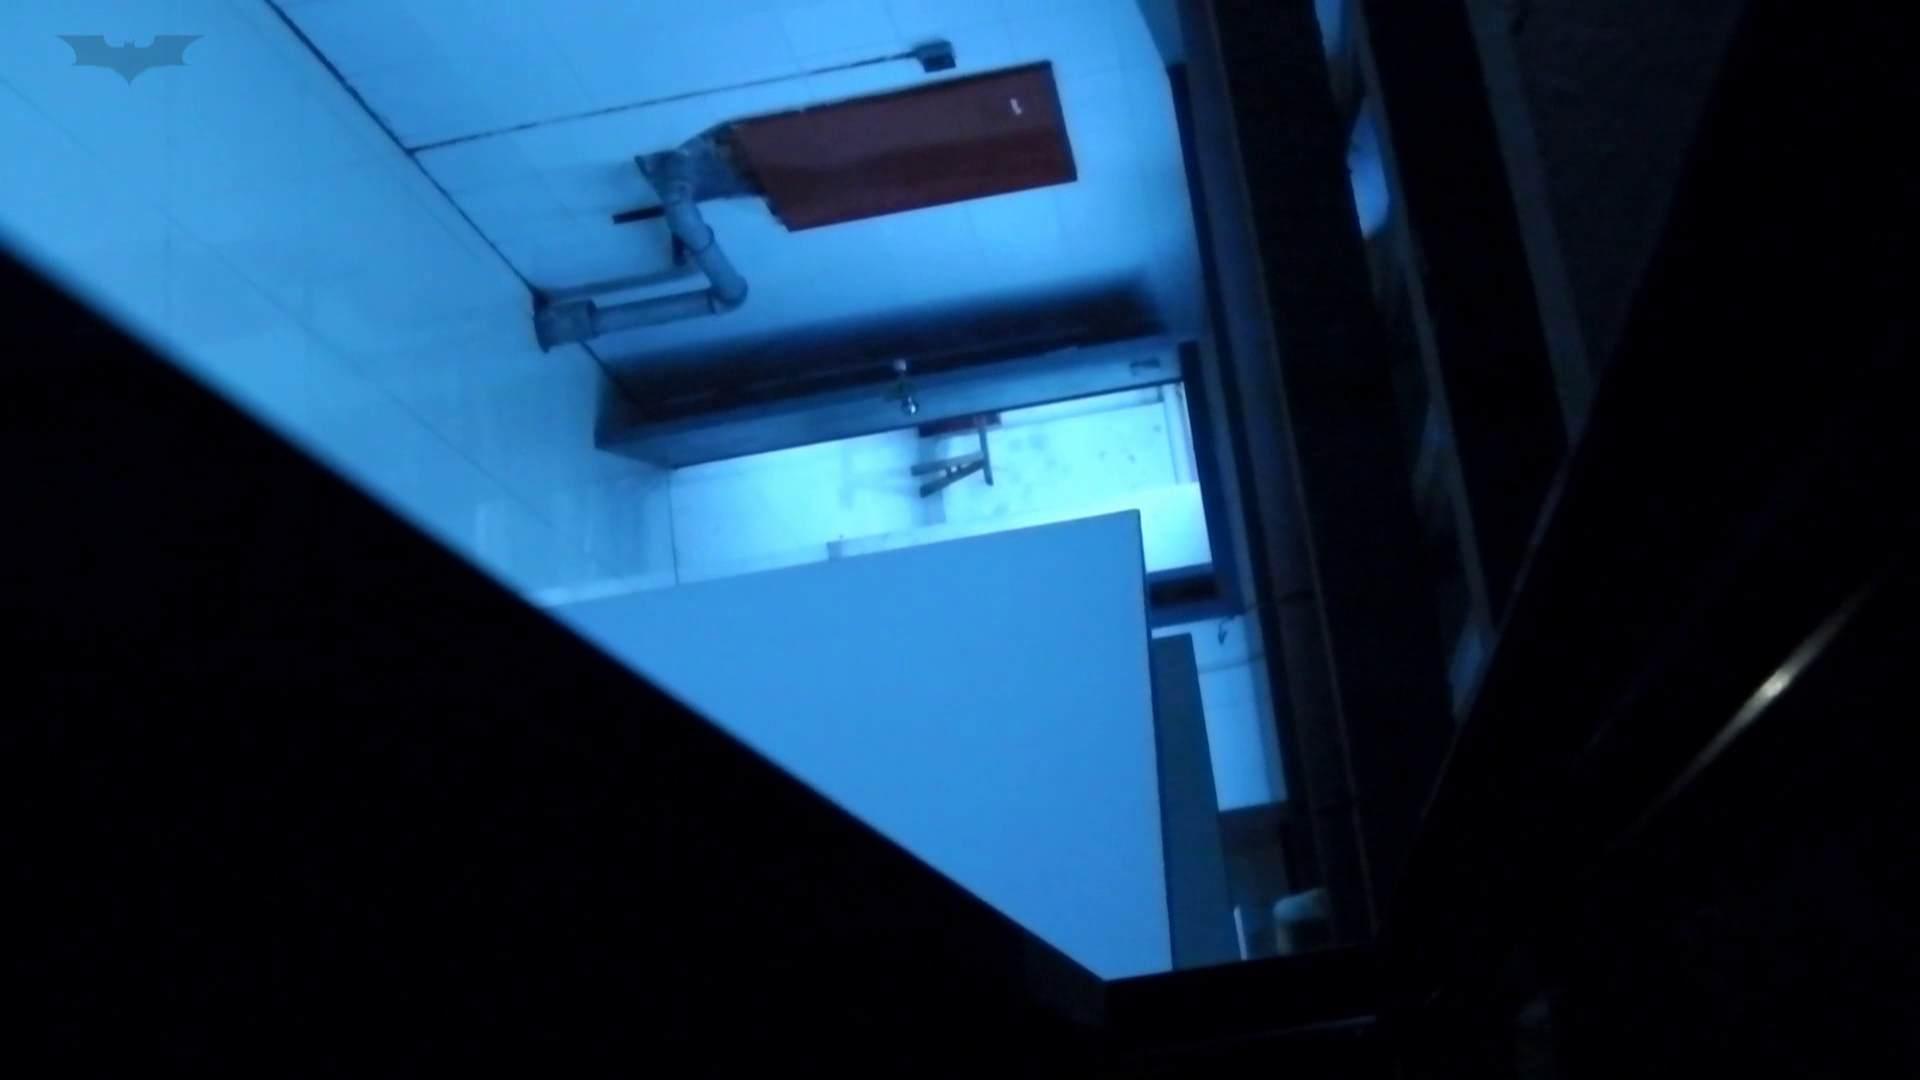 新世界の射窓 No72 モデル級なら個室から飛び出て追っかけます ギャル  75PIX 7